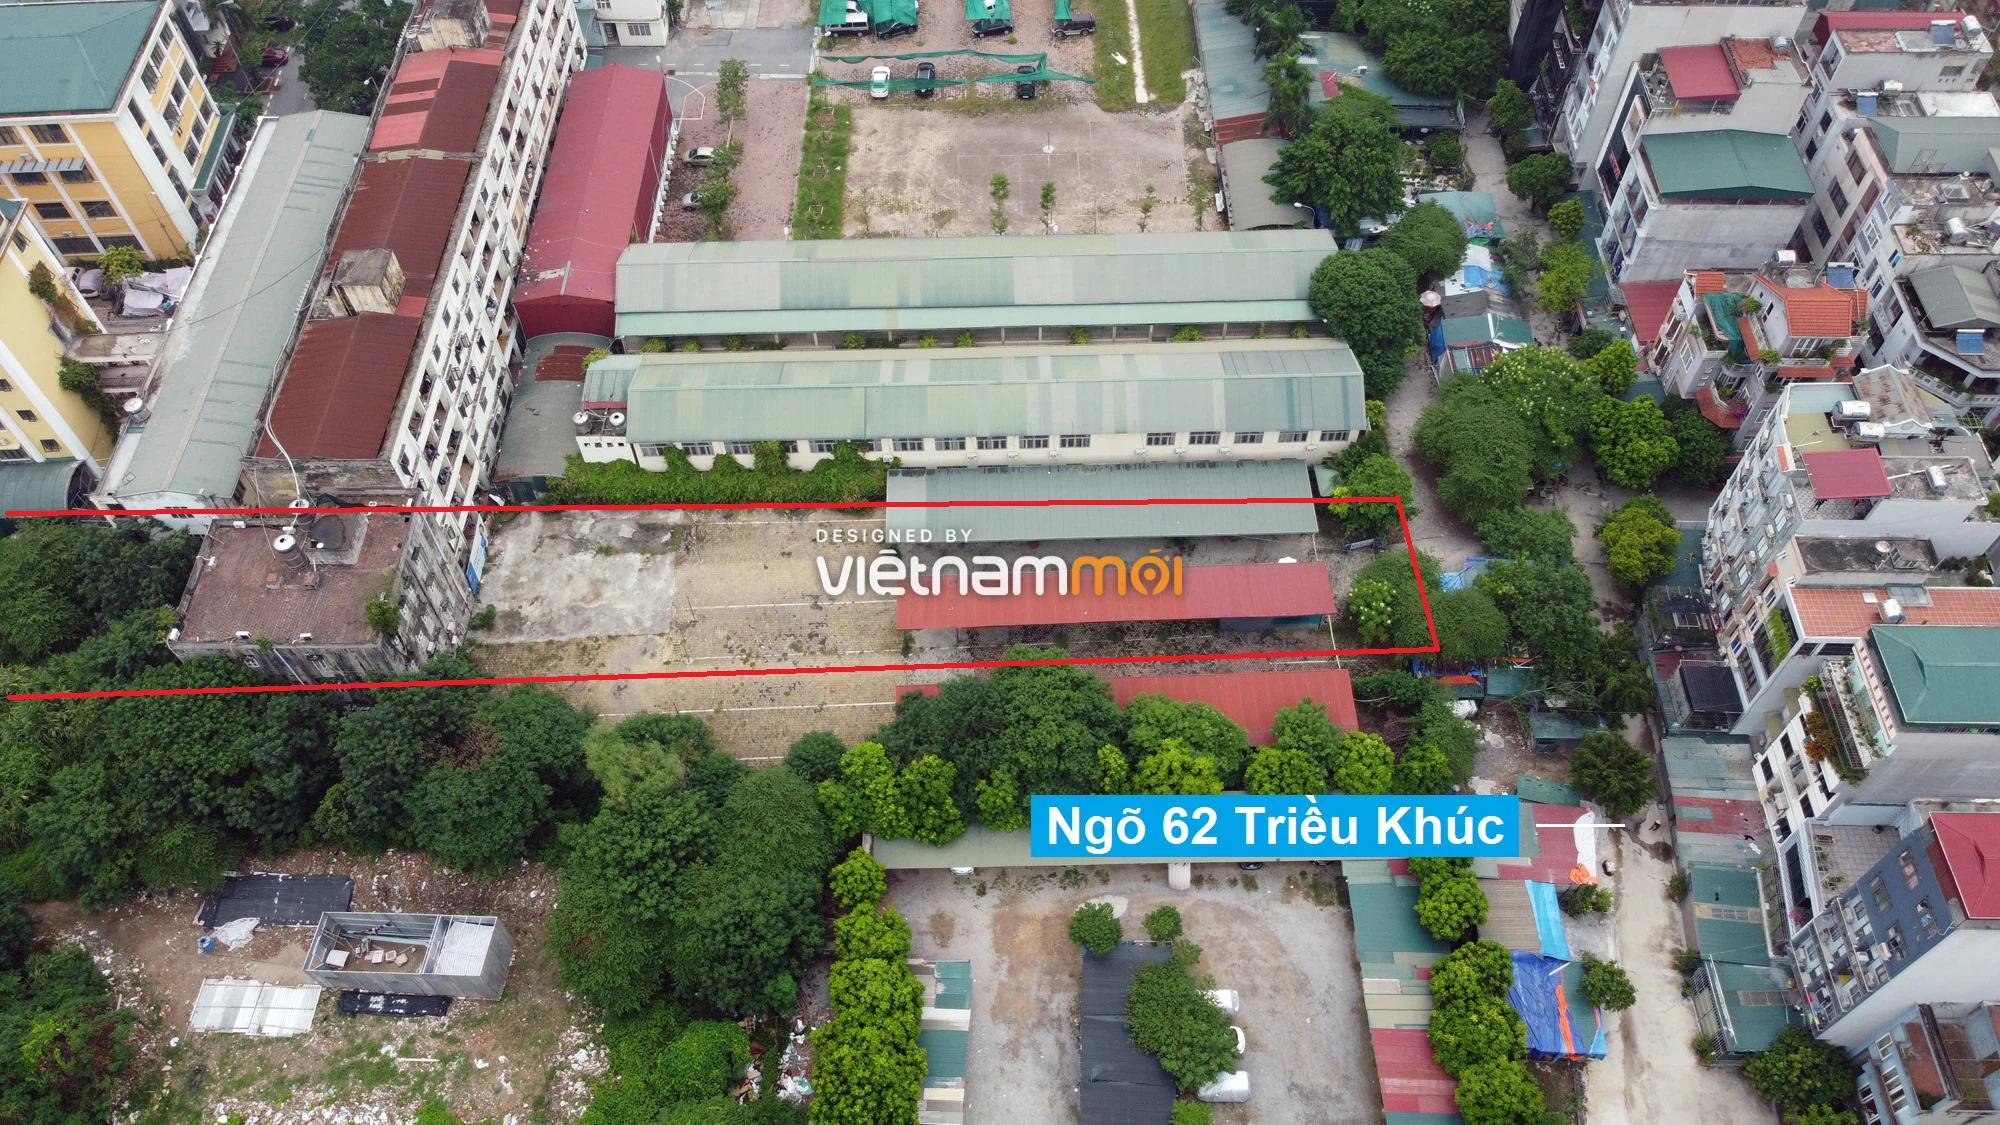 Những khu đất sắp thu hồi để mở đường ở xã Tân Triều, Thanh Trì, Hà Nội (phần 3) - Ảnh 3.